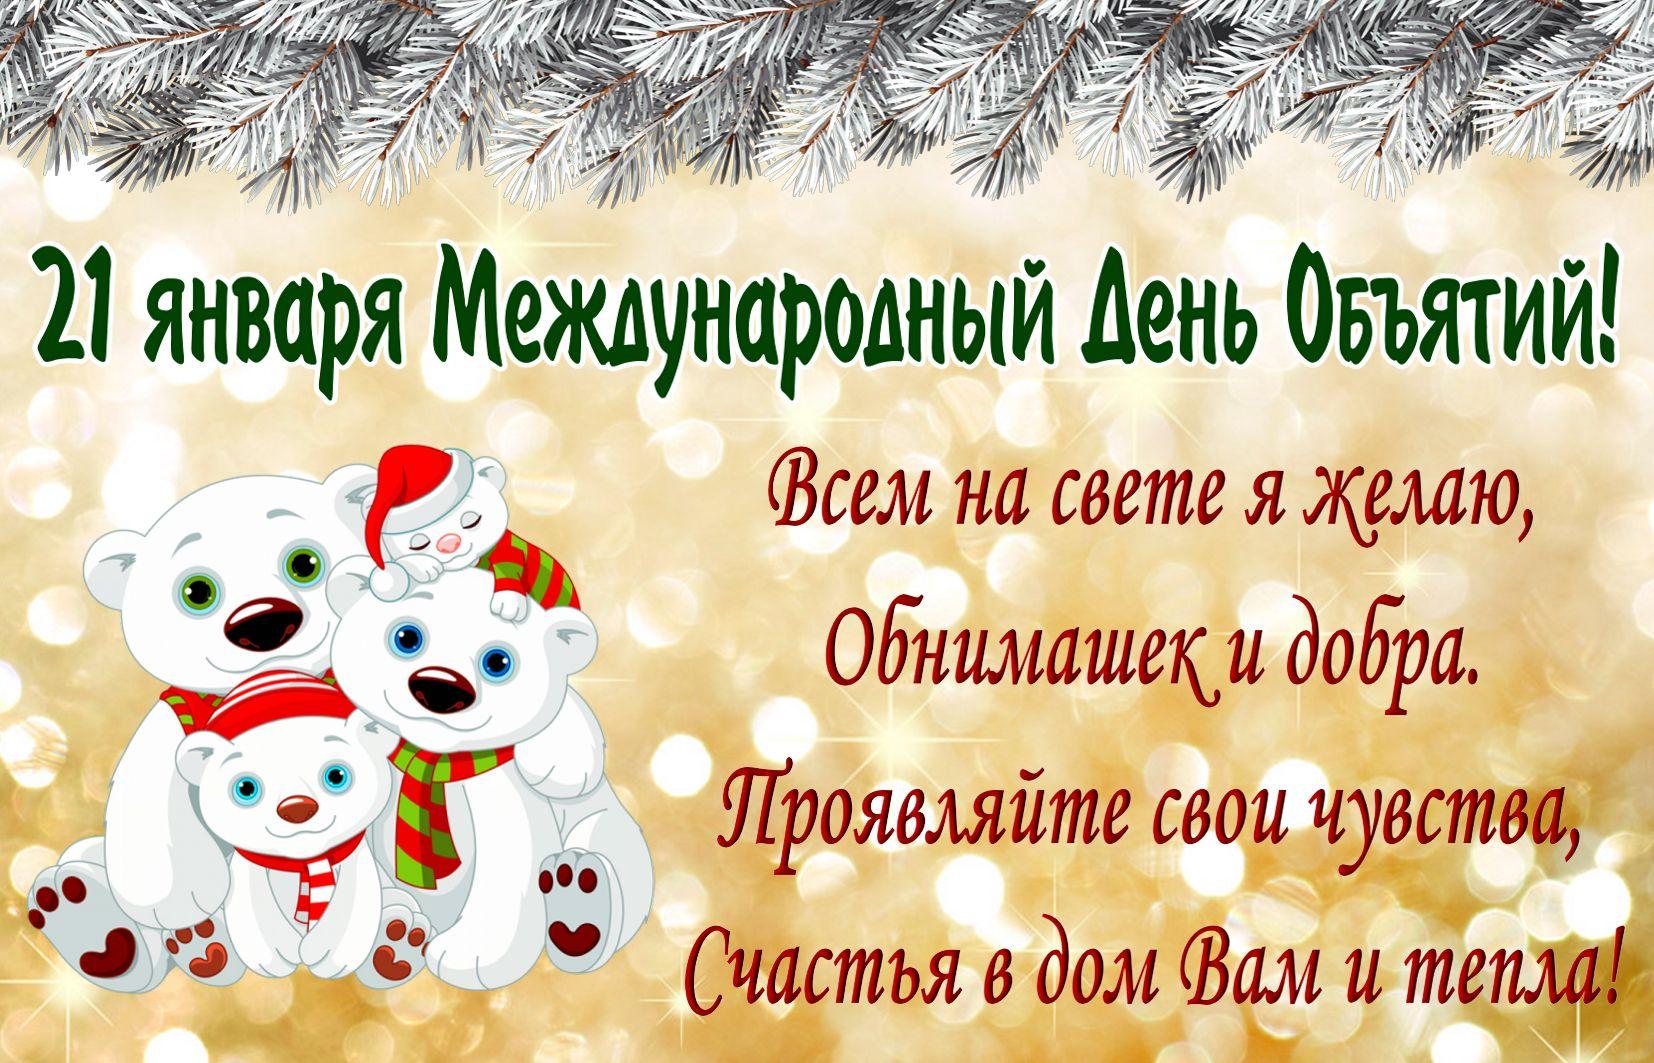 Открытка на День объятий с белыми мишками и пожеланием